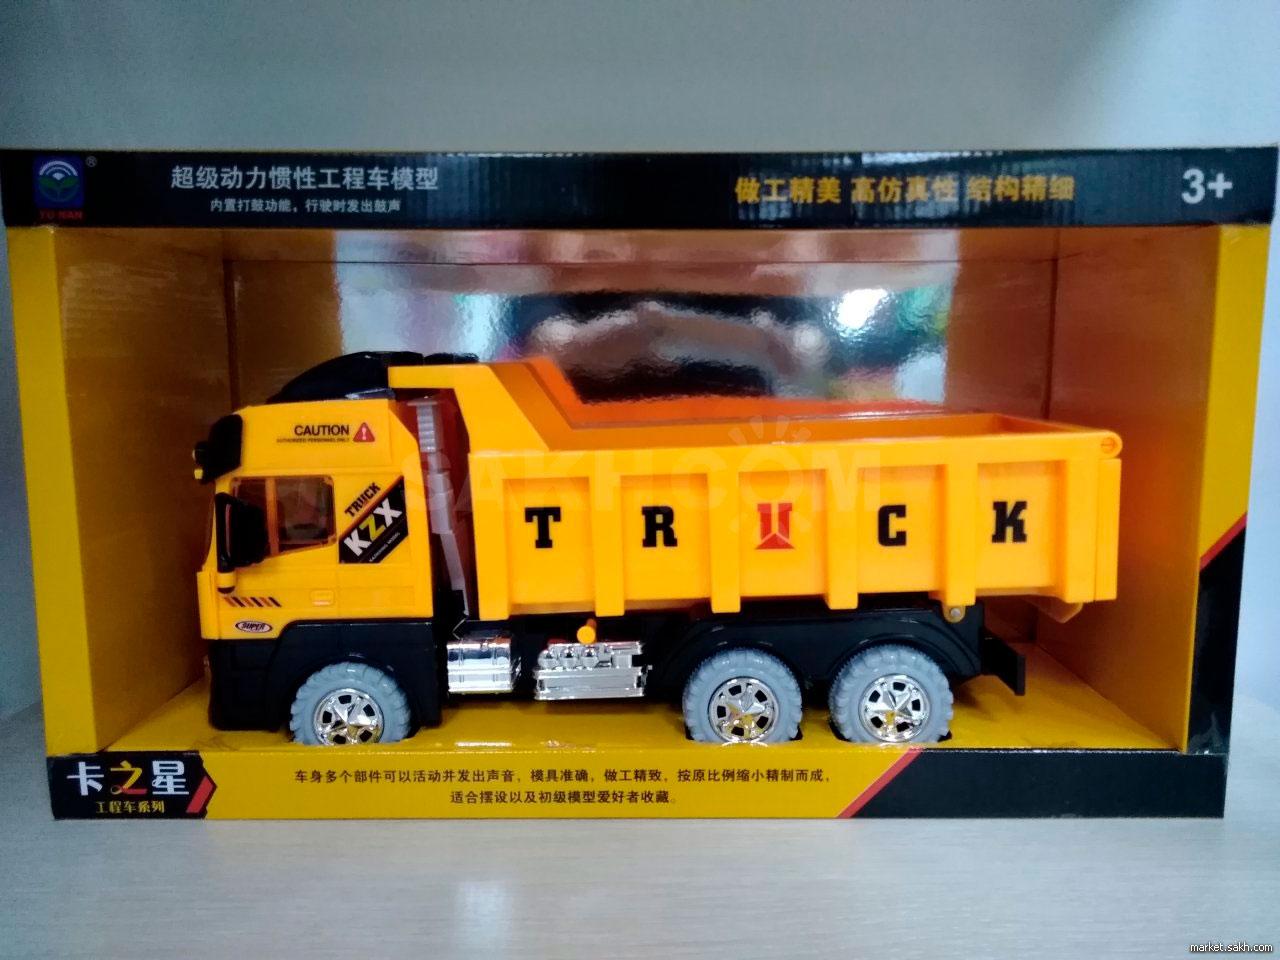 Красивые картинки грузовик для детей - подборка 15 штук 5